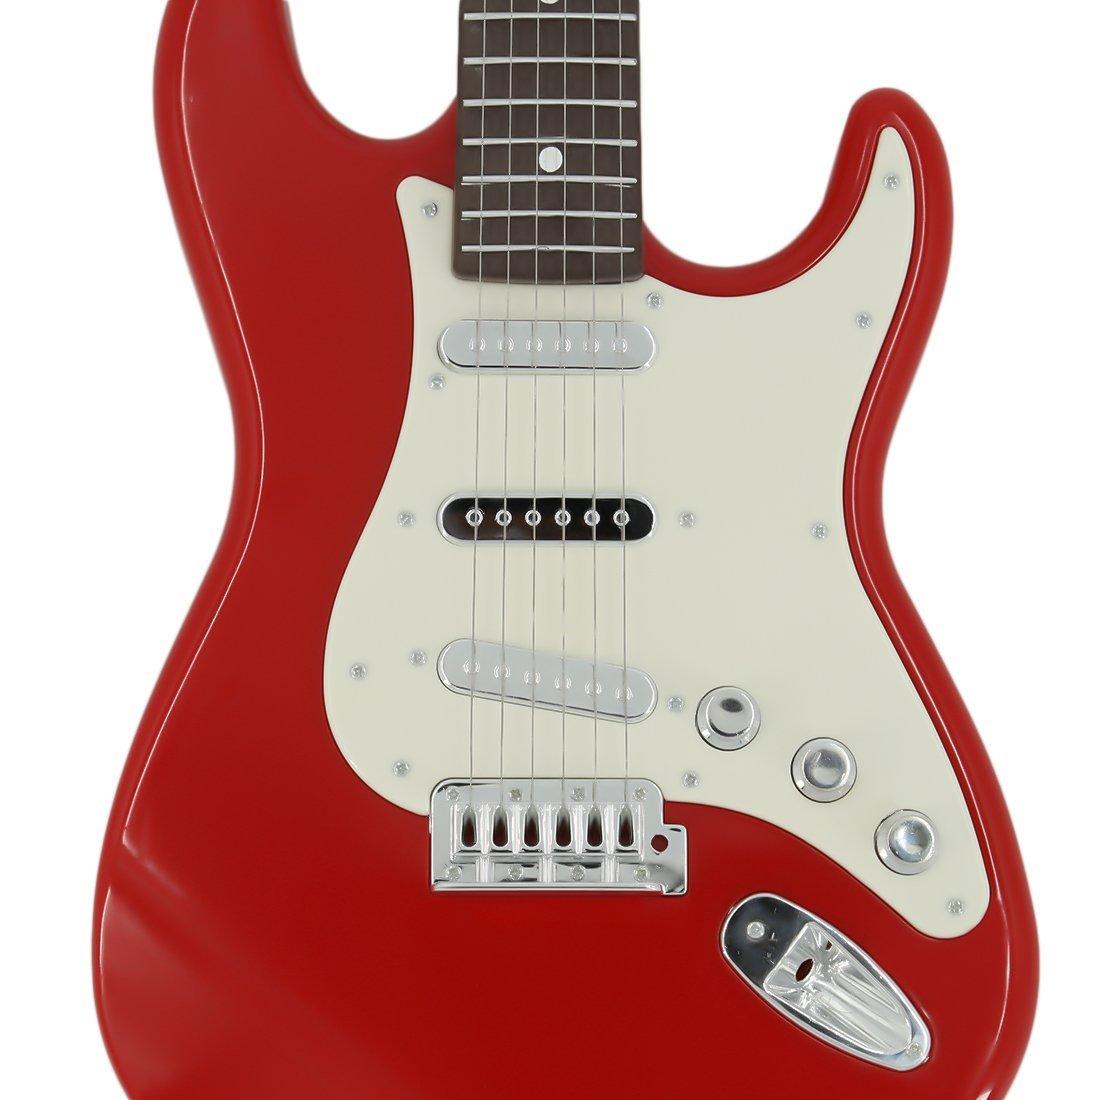 MRKE 6 Cuerdas Guitarra Electrica Niños 1:1 Guitarra Juguete con Diferentes Efectos de Sonido: Amazon.es: Juguetes y juegos